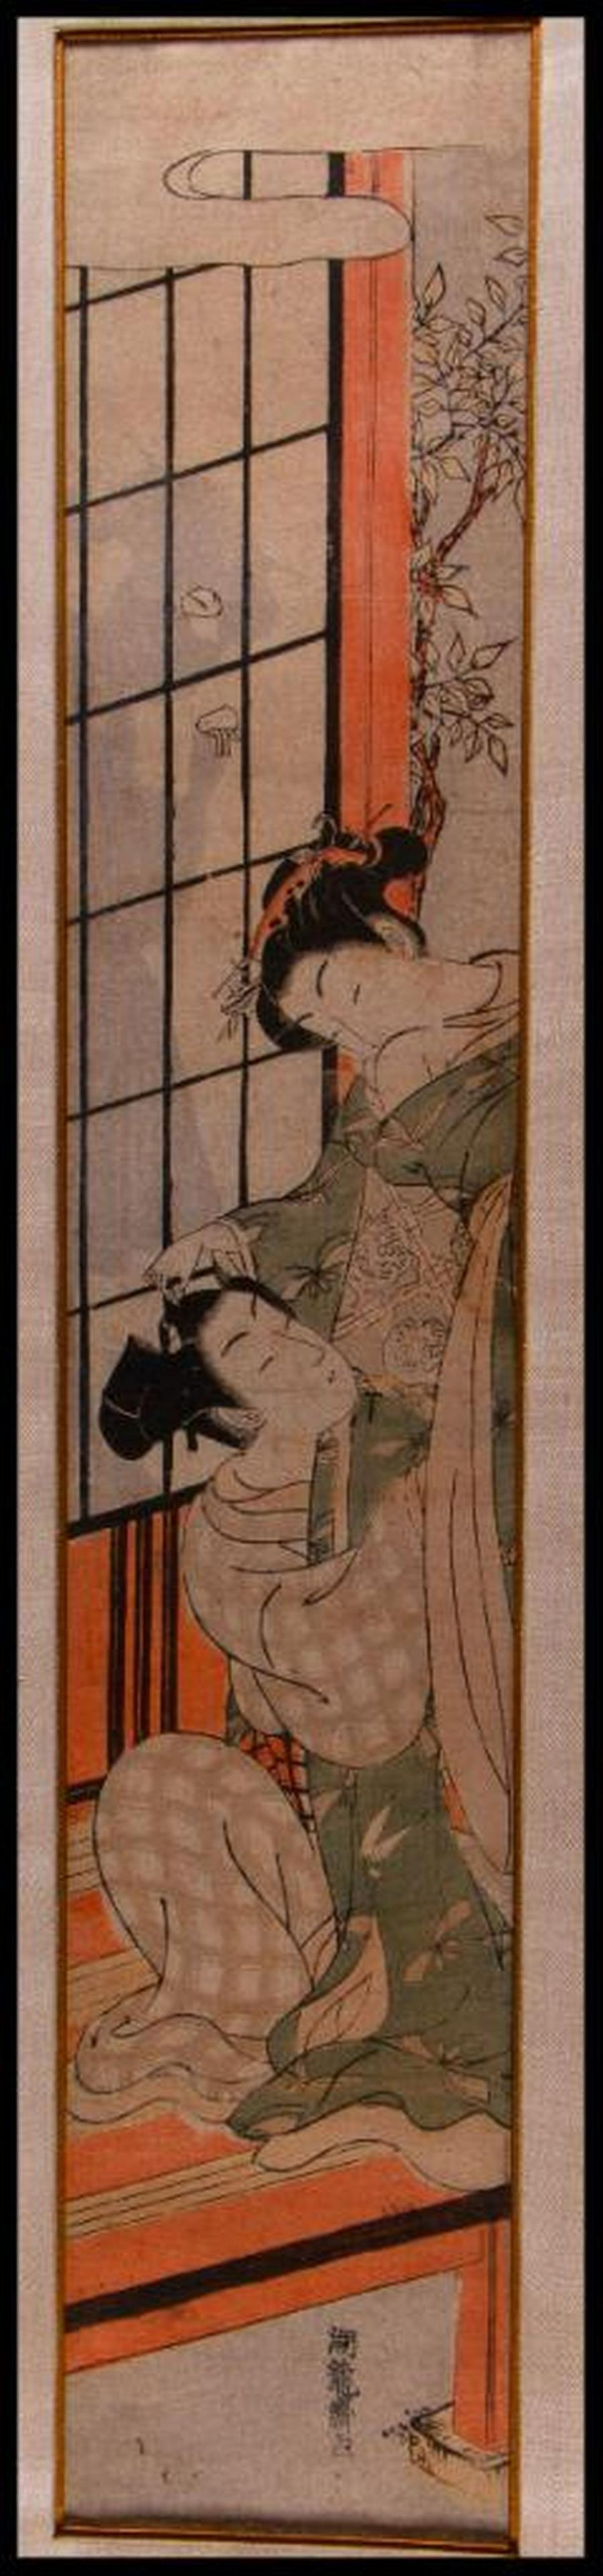 Koryusai ISODA (1735-1790)